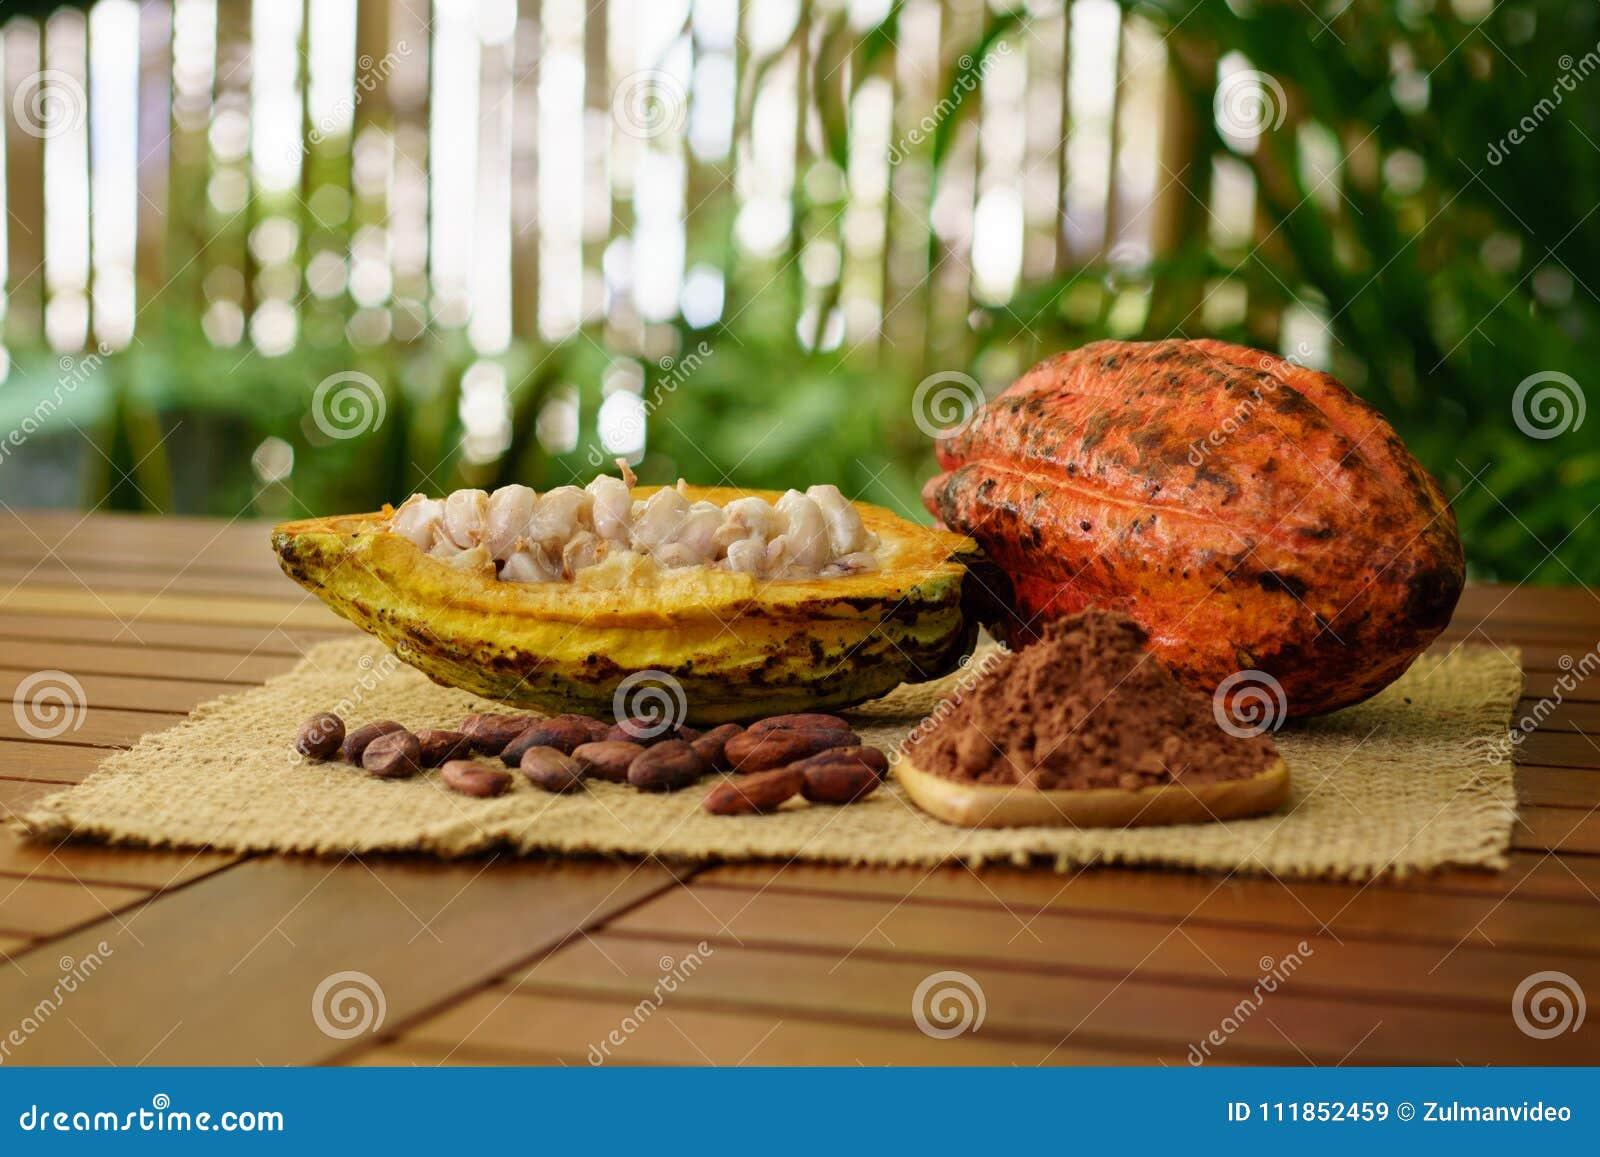 未加工的可可粉荚、恶豆和粉末在木桌上